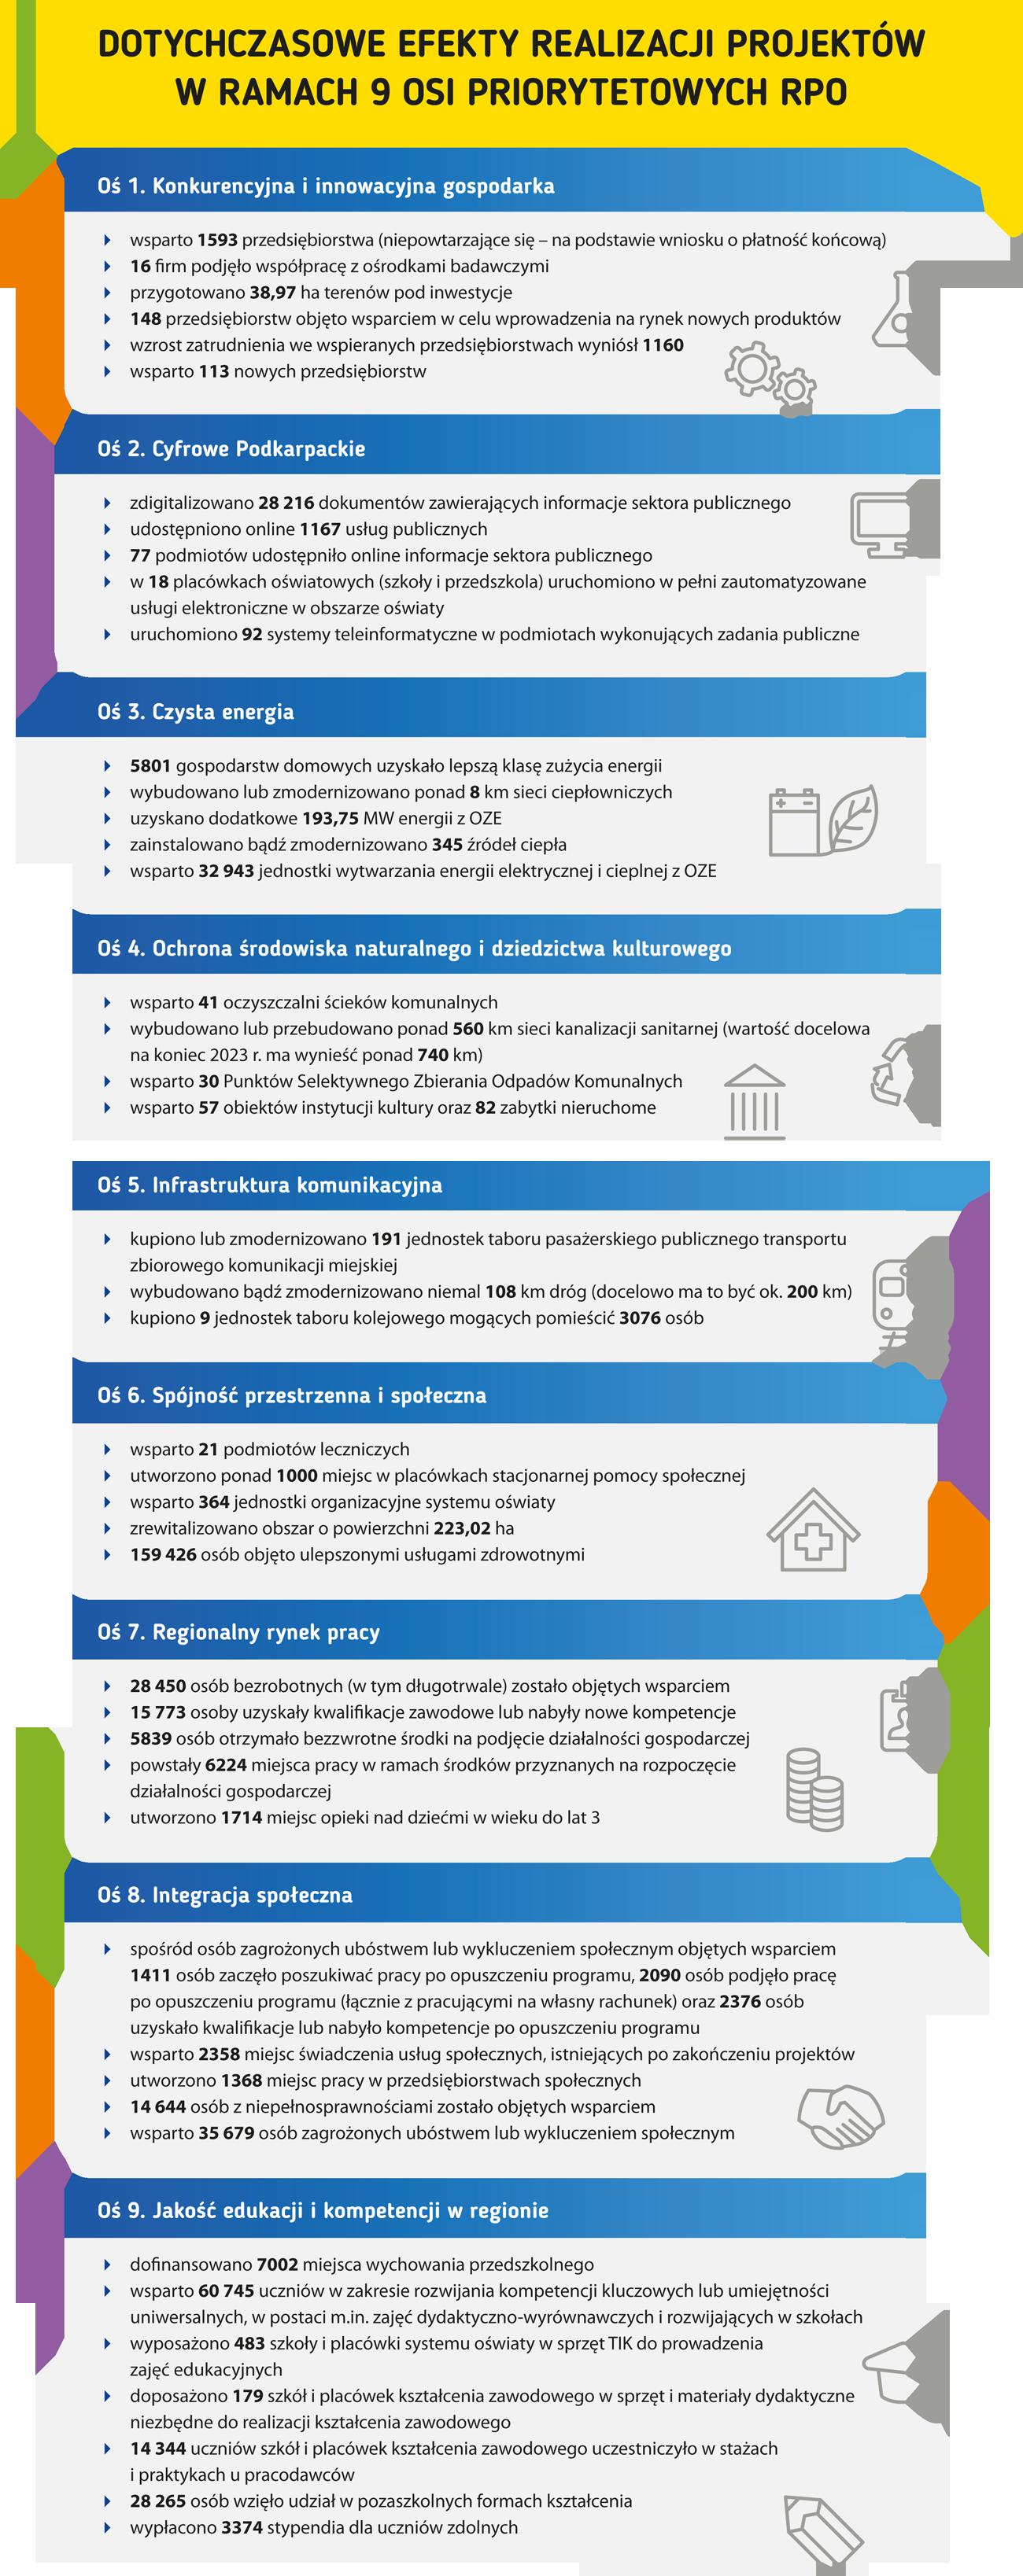 Dotychczasowe efekty realizacji projektów w ramach 9 osi priorytetowych RPO Oś 1. Konkurencyjna i innowacyjna gospodarka • wsparto 1593 przedsiębiorstwa (niepowtarzające się – na podstawie wniosku o płatność końcową) • 16 firm podjęło współpracę z ośrodkami badawczymi • przygotowano 38,97 ha terenów pod inwestycje • 148 przedsiębiorstw objęto wsparciem w celu wprowadzenia na rynek nowych produktów • wzrost zatrudnienia we wspieranych przedsiębiorstwach wyniósł 1160 • wsparto 113 nowych przedsiębiorstw Oś 2. Cyfrowe Podkarpackie • zdigitalizowano 28 216 dokumentów zawierających informacje sektora publicznego • udostępniono online 1167 usług publicznych • 77 podmiotów udostępniło online informacje sektora publicznego • w 18 placówkach oświatowych (szkoły i przedszkola) uruchomiono w pełni zautomatyzowane usługi elektroniczne w obszarze oświaty • uruchomiono 92 systemy teleinformatyczne w podmiotach wykonujących zadania publiczne Oś 3. Czysta energia • 5801 gospodarstw domowych uzyskało lepszą klasę zużycia energii • wybudowano lub zmodernizowano ponad 8 km sieci ciepłowniczych • uzyskano dodatkowe 193,75 MW energii z OZE • zainstalowano bądź zmodernizowano 345 źródeł ciepła • wsparto 32 943 jednostek wytwarzania energii elektrycznej i cieplnej z OZE Oś 4. Ochrona środowiska naturalnego i dziedzictwa kulturowego • wsparto 41 oczyszczalni ścieków komunalnych • wybudowano lub przebudowano ponad 560 km sieci kanalizacji sanitarnej (wartość docelowa na koniec 2023 r. ma wynieść ponad 740 km) • wsparto 30 Punktów Selektywnego Zbierania Odpadów Komunalnych • wsparto 57 obiektów instytucji kultury oraz 82 zabytki nieruchome Oś 5. Infrastruktura komunikacyjna • kupiono lub zmodernizowano 191 jednostek taboru pasażerskiego publicznego transportu zbiorowego komunikacji miejskiej • wybudowano bądź zmodernizowano niemal 108 km dróg (docelowo ma to być ok. 200 km) • kupiono 9 jednostek taboru kolejowego mogących pomieścić 3076 osób Oś 6. Spójność przestrzenna i społeczna • wsparto 